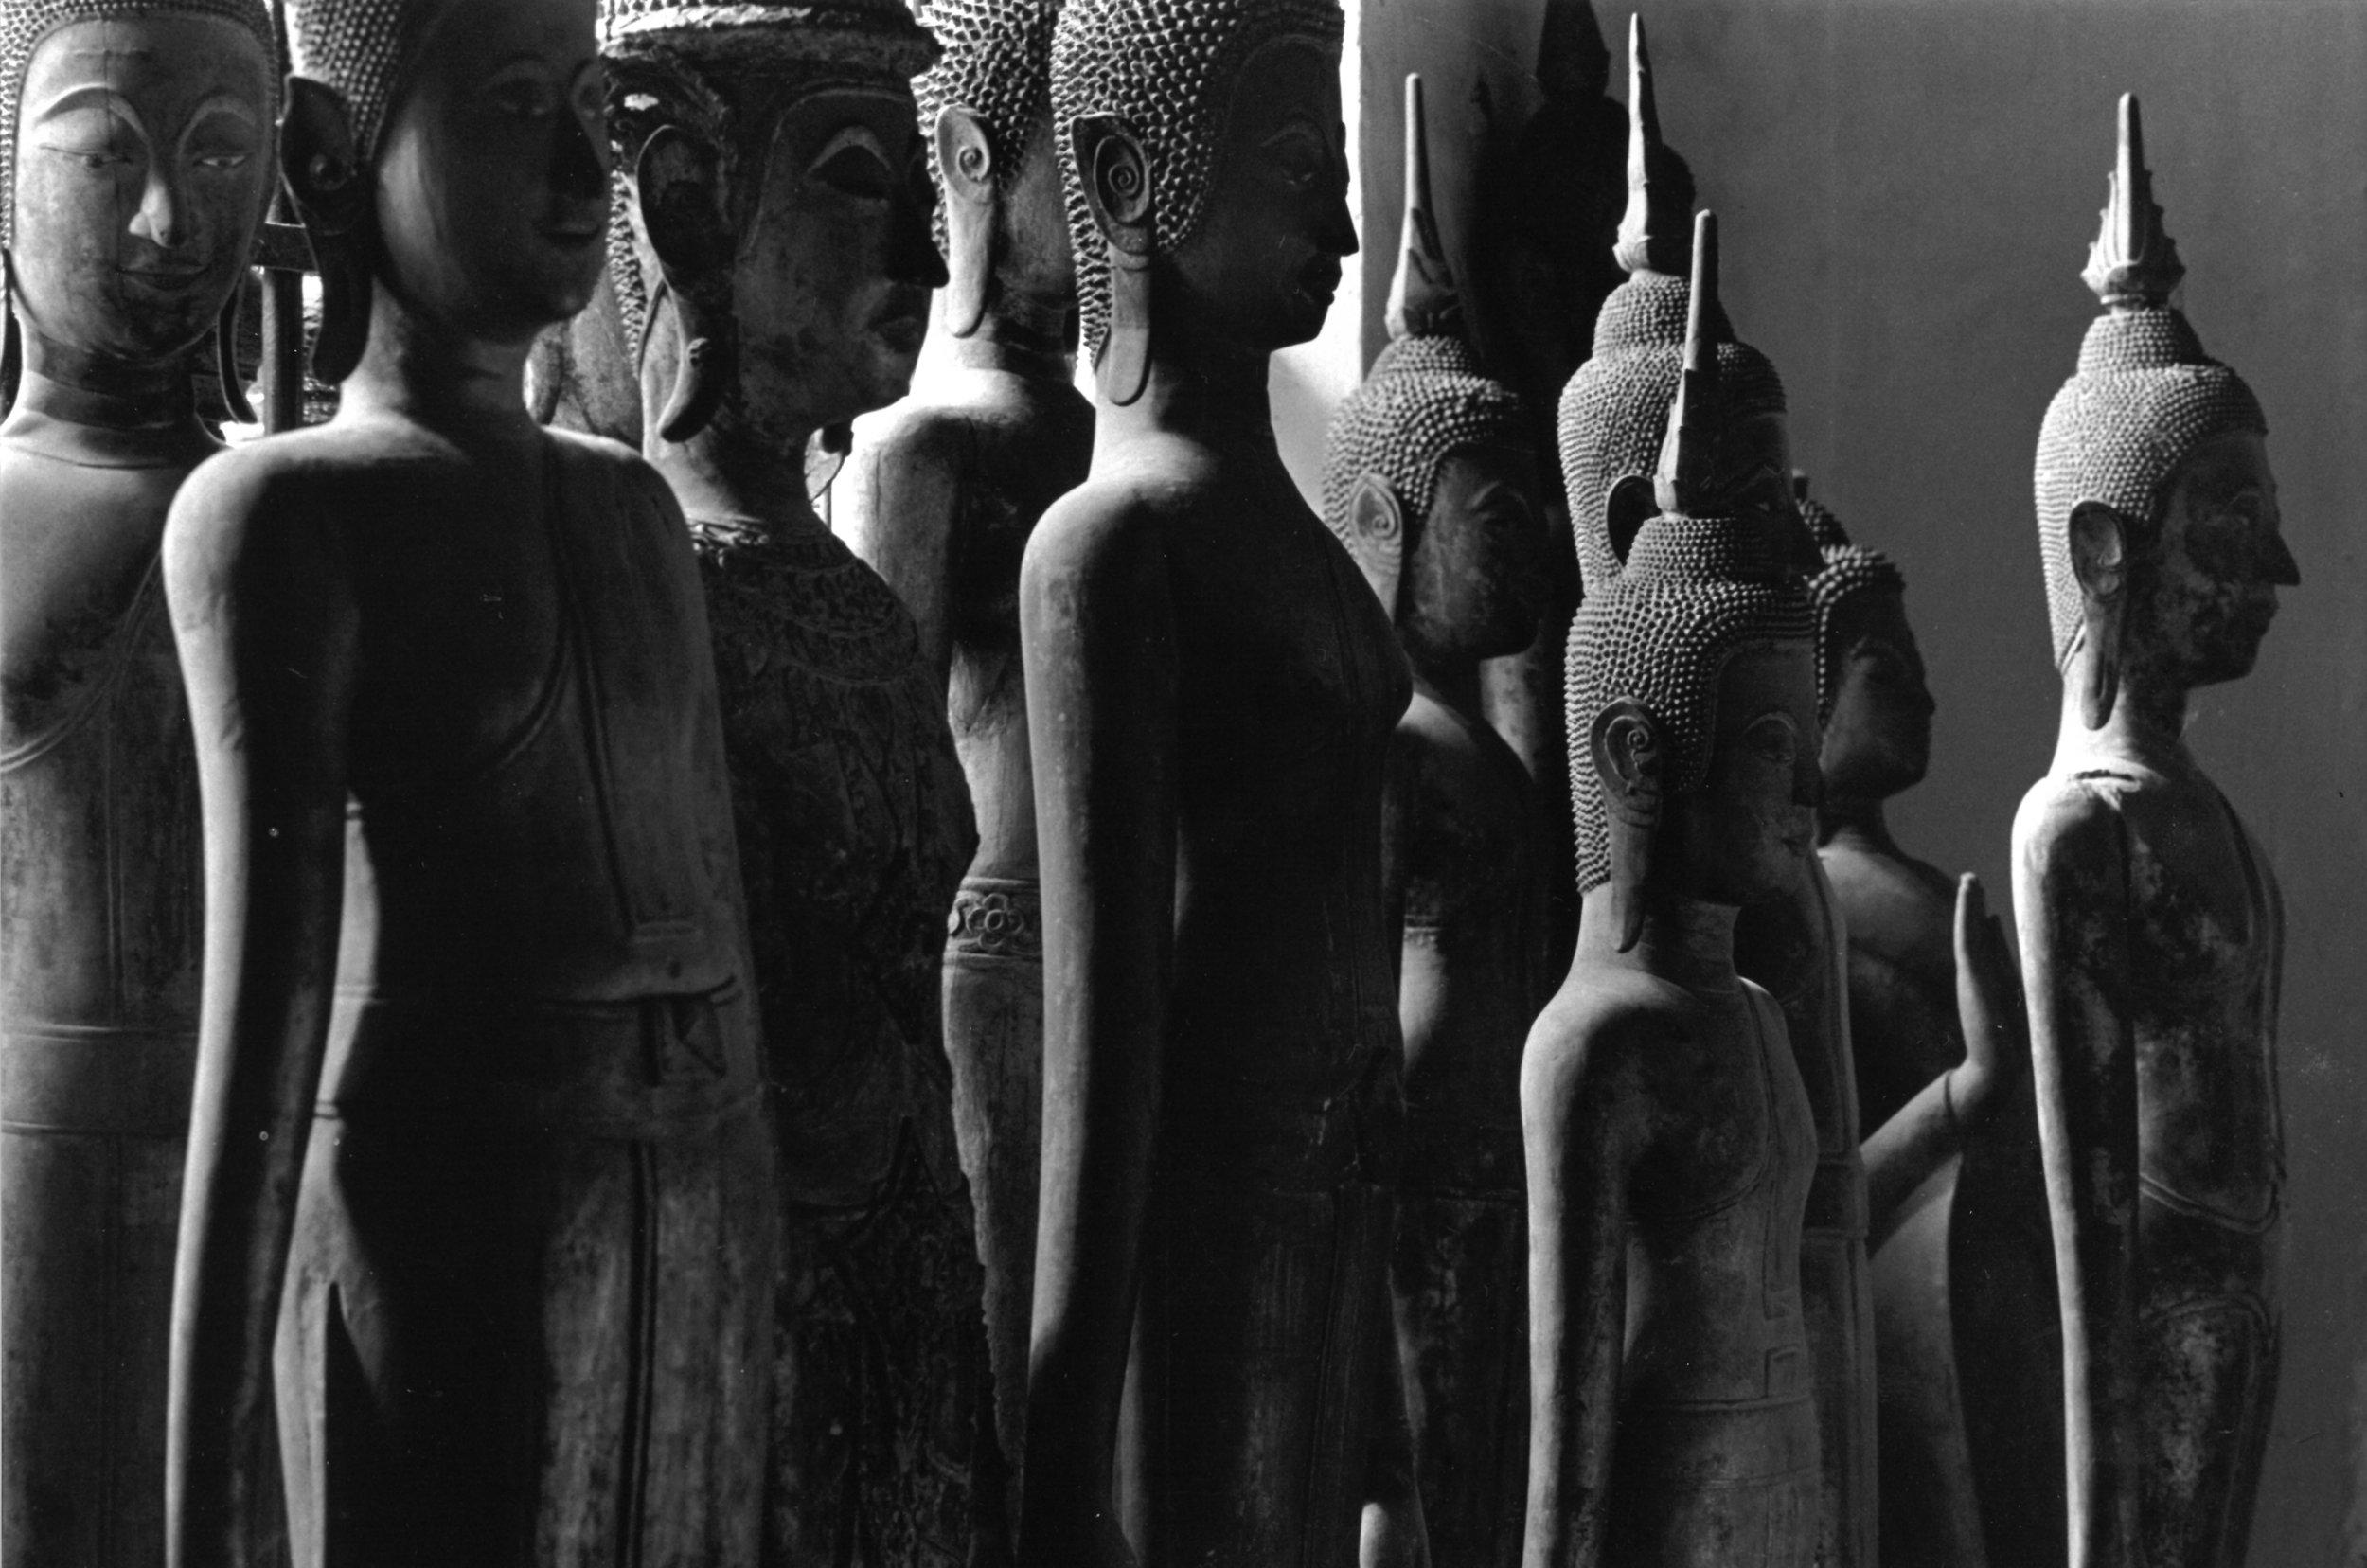 Vat Visoun, Luang Prabang, Laos de la série Asie du Sud-Est, à partir de 1995 Photographie argentique, coll. privée © Ayants droits